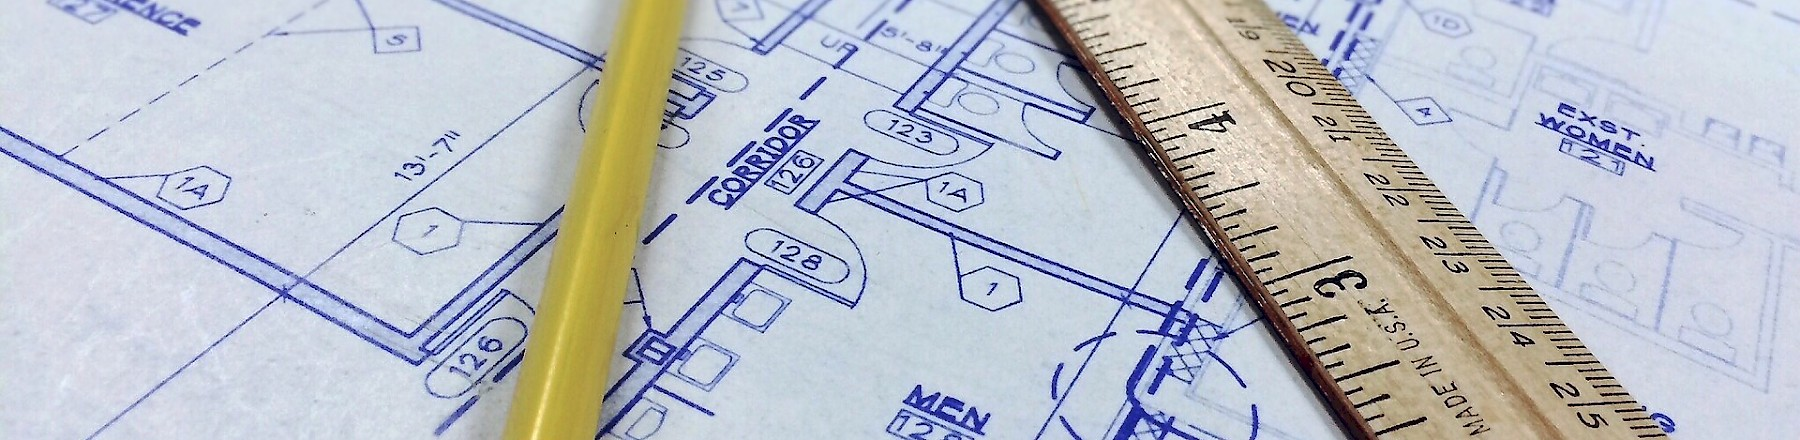 Arkkitehti Koulutus